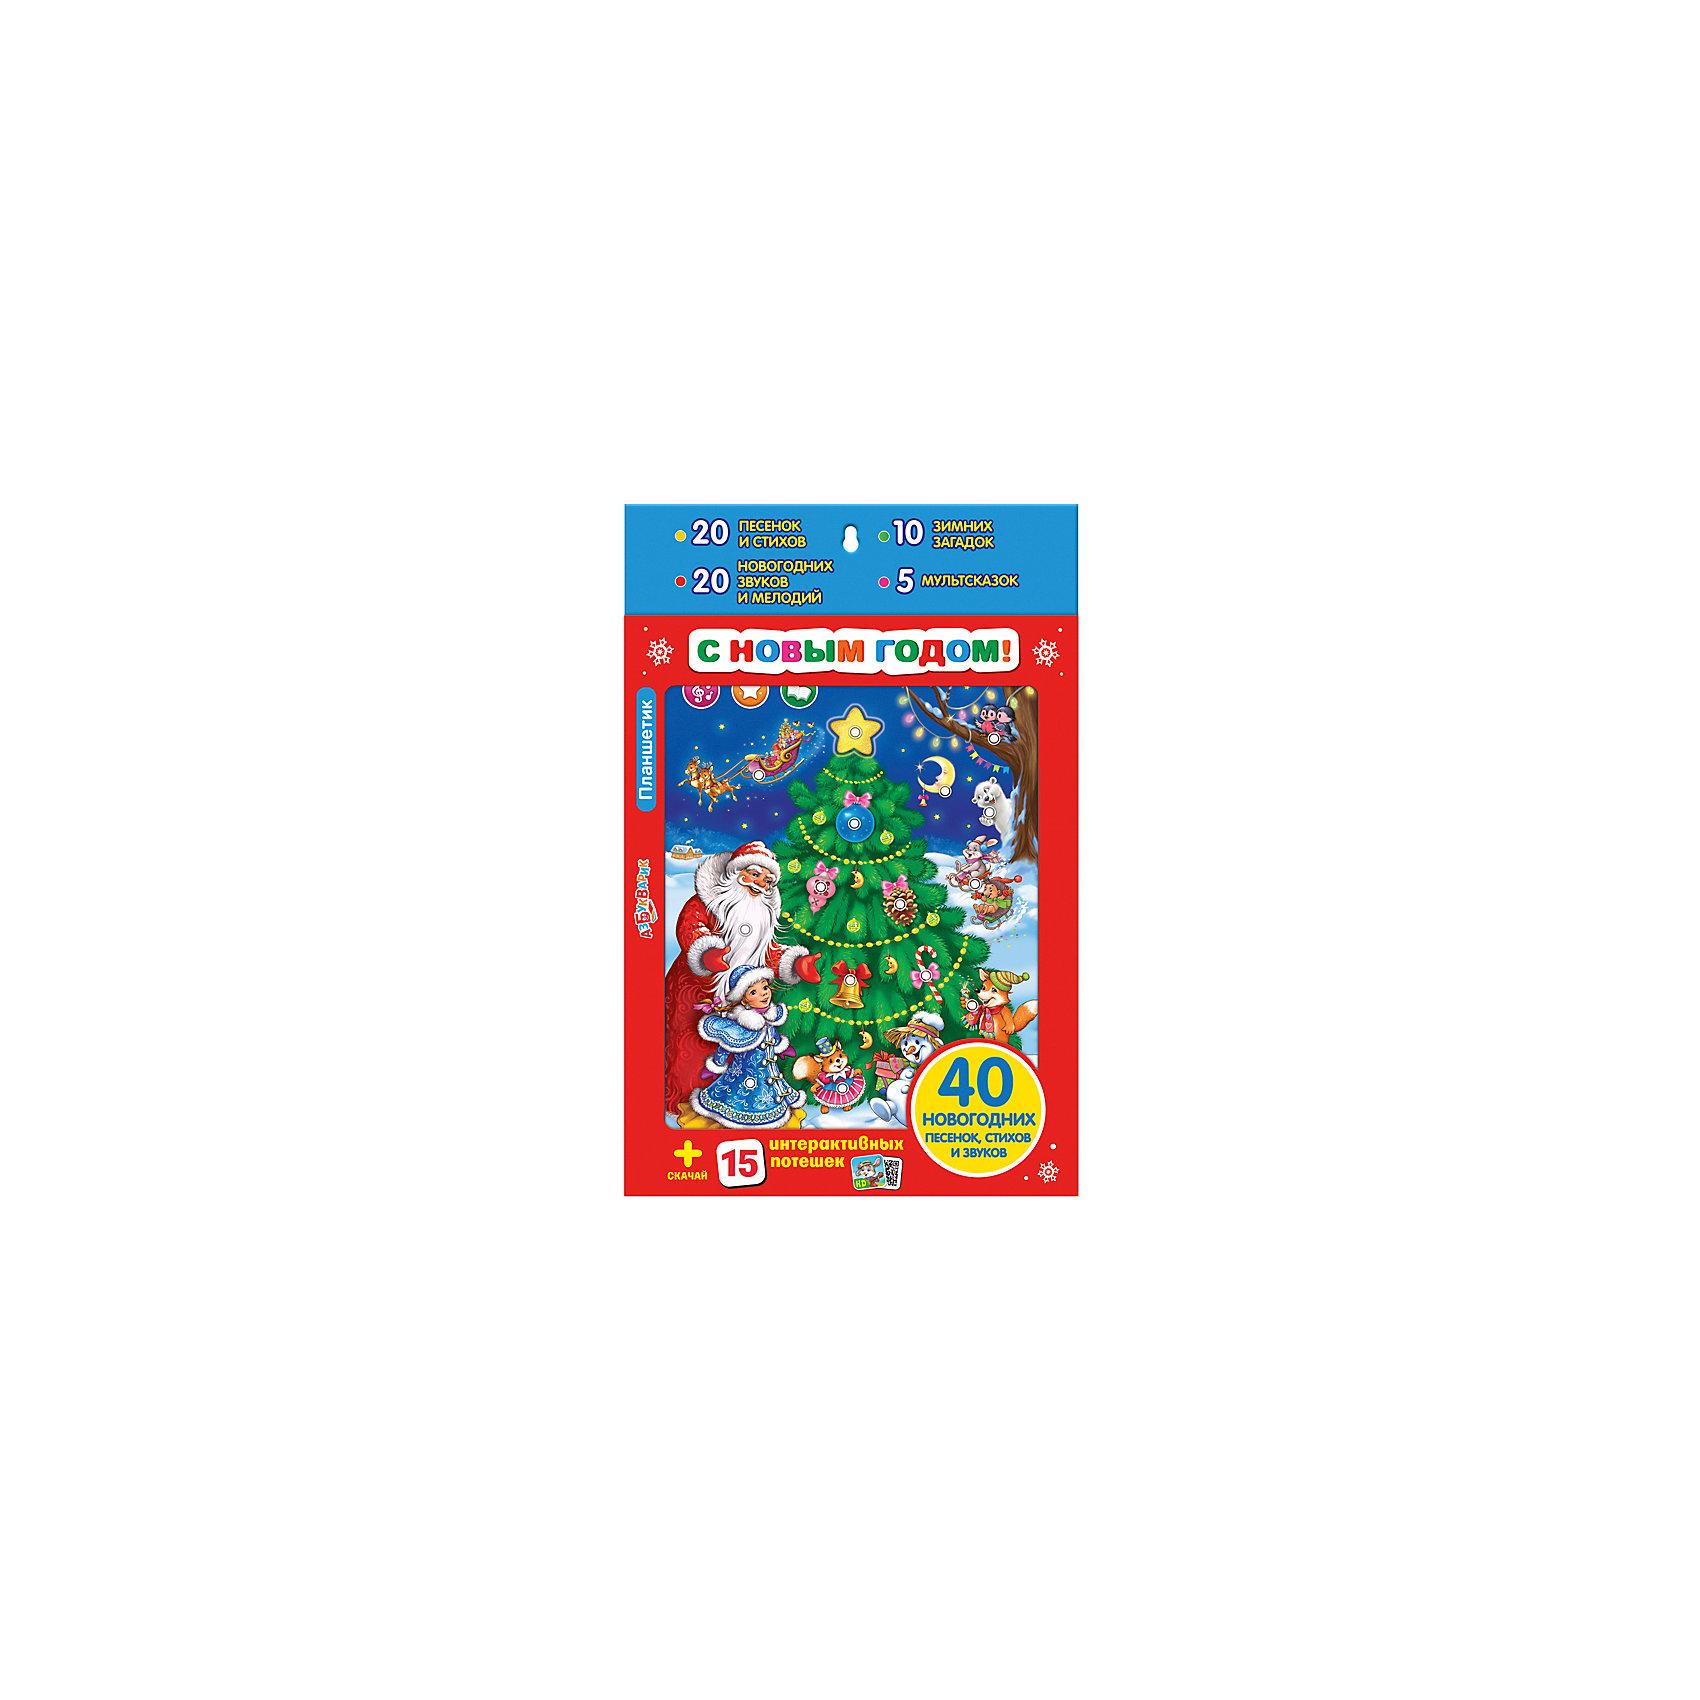 Планшетик С Новым годом!Каждый ребенок будет рад найти этот планшетик под ёлочкой! Ведь в нем есть и новогодние песенки, и мультсказки, и стихи любимых поэтов, и зимние загадки. Нажимай на красочные картинки – играй и веселись с Дедом Морозом, Снегурочкой и лесными зверятами.<br><br>Электронная игрушка из пластмассы, упаковка: картонка с блистером 190х290х15 мм<br><br>Ширина мм: 190<br>Глубина мм: 300<br>Высота мм: 190<br>Вес г: 305<br>Возраст от месяцев: 24<br>Возраст до месяцев: 48<br>Пол: Унисекс<br>Возраст: Детский<br>SKU: 5070063